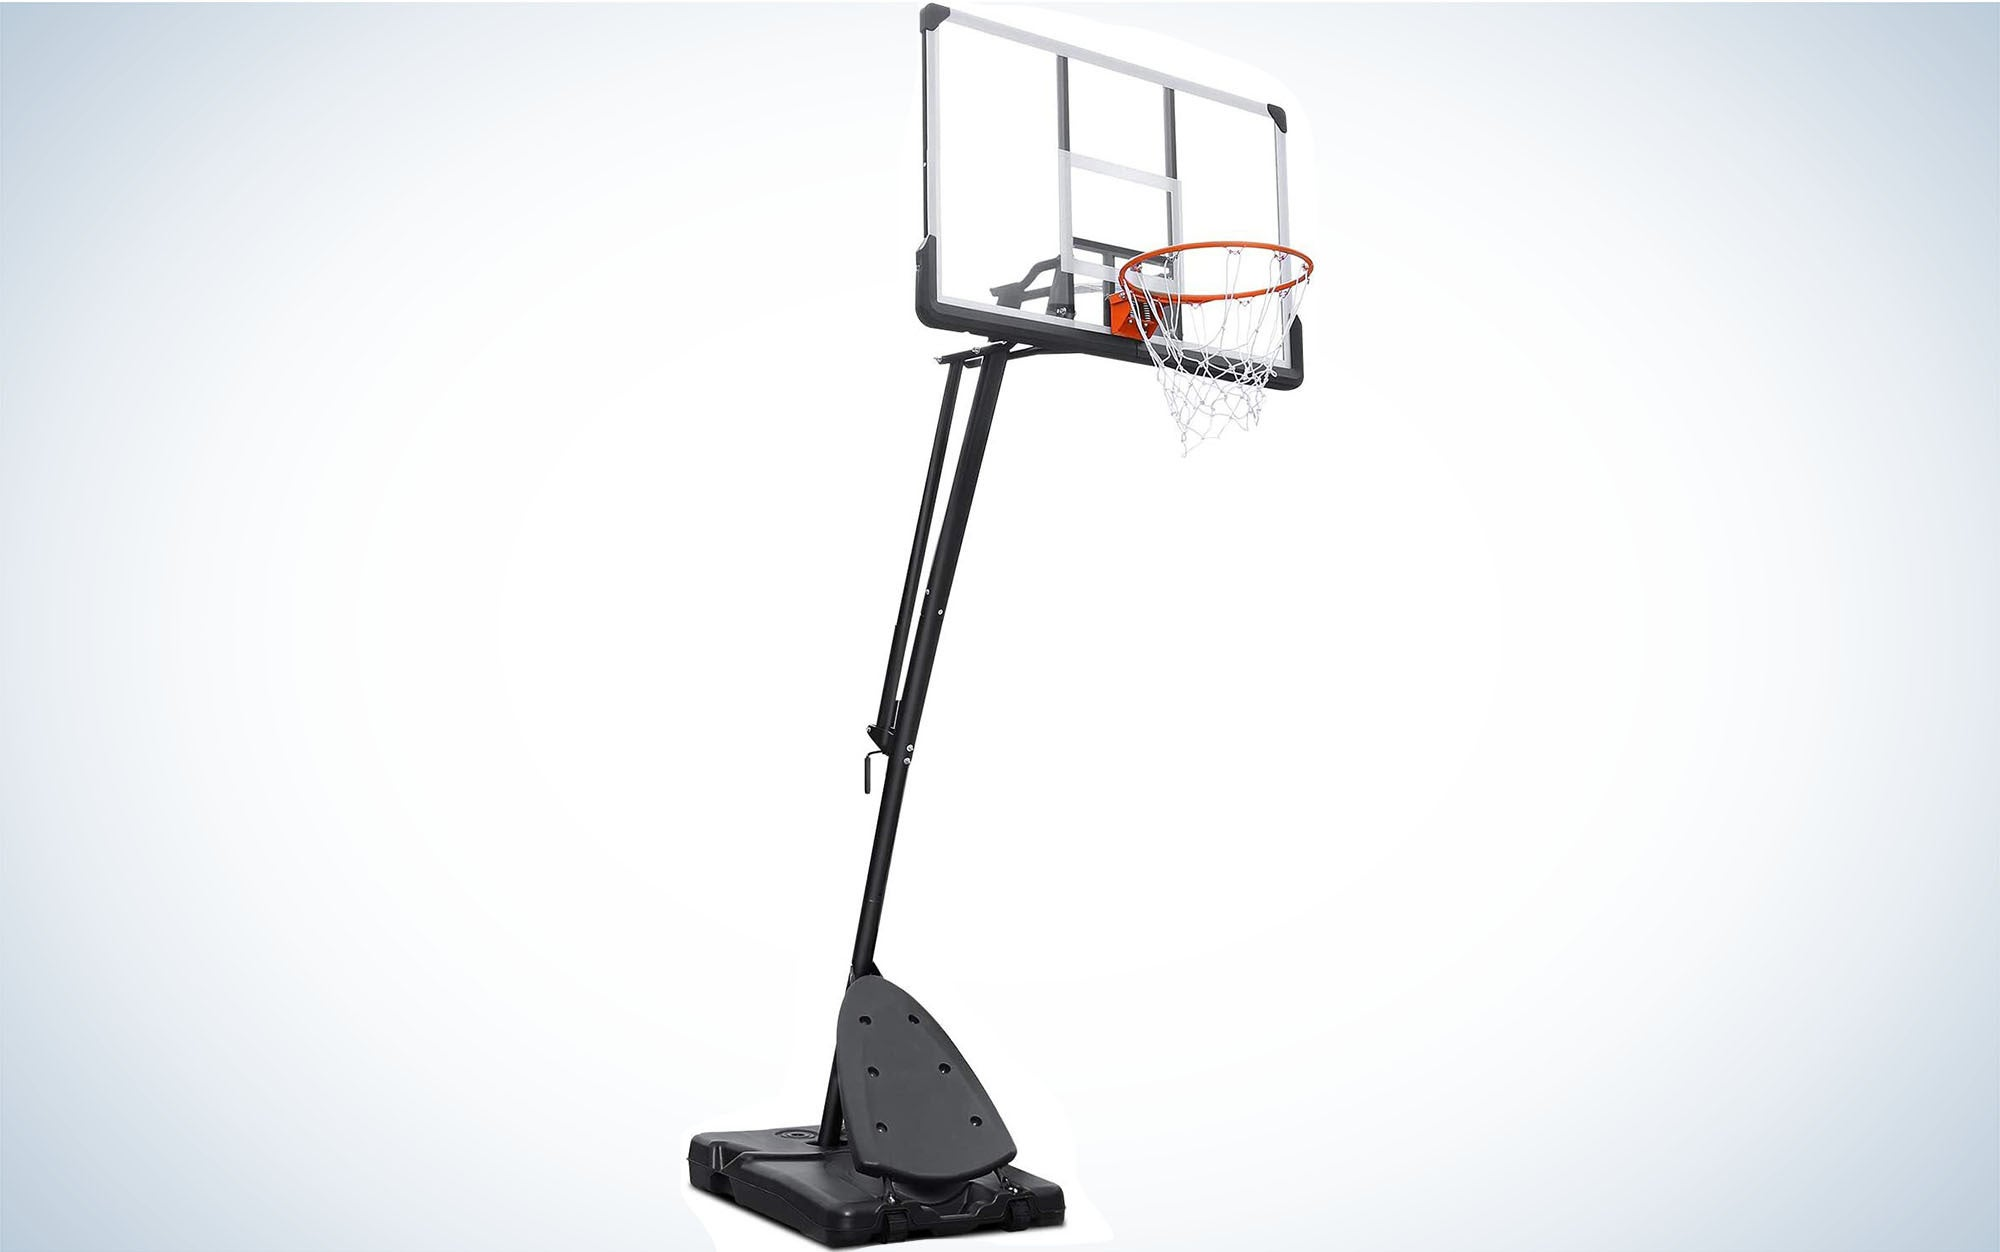 MaxKare Portable Basketball Hoop